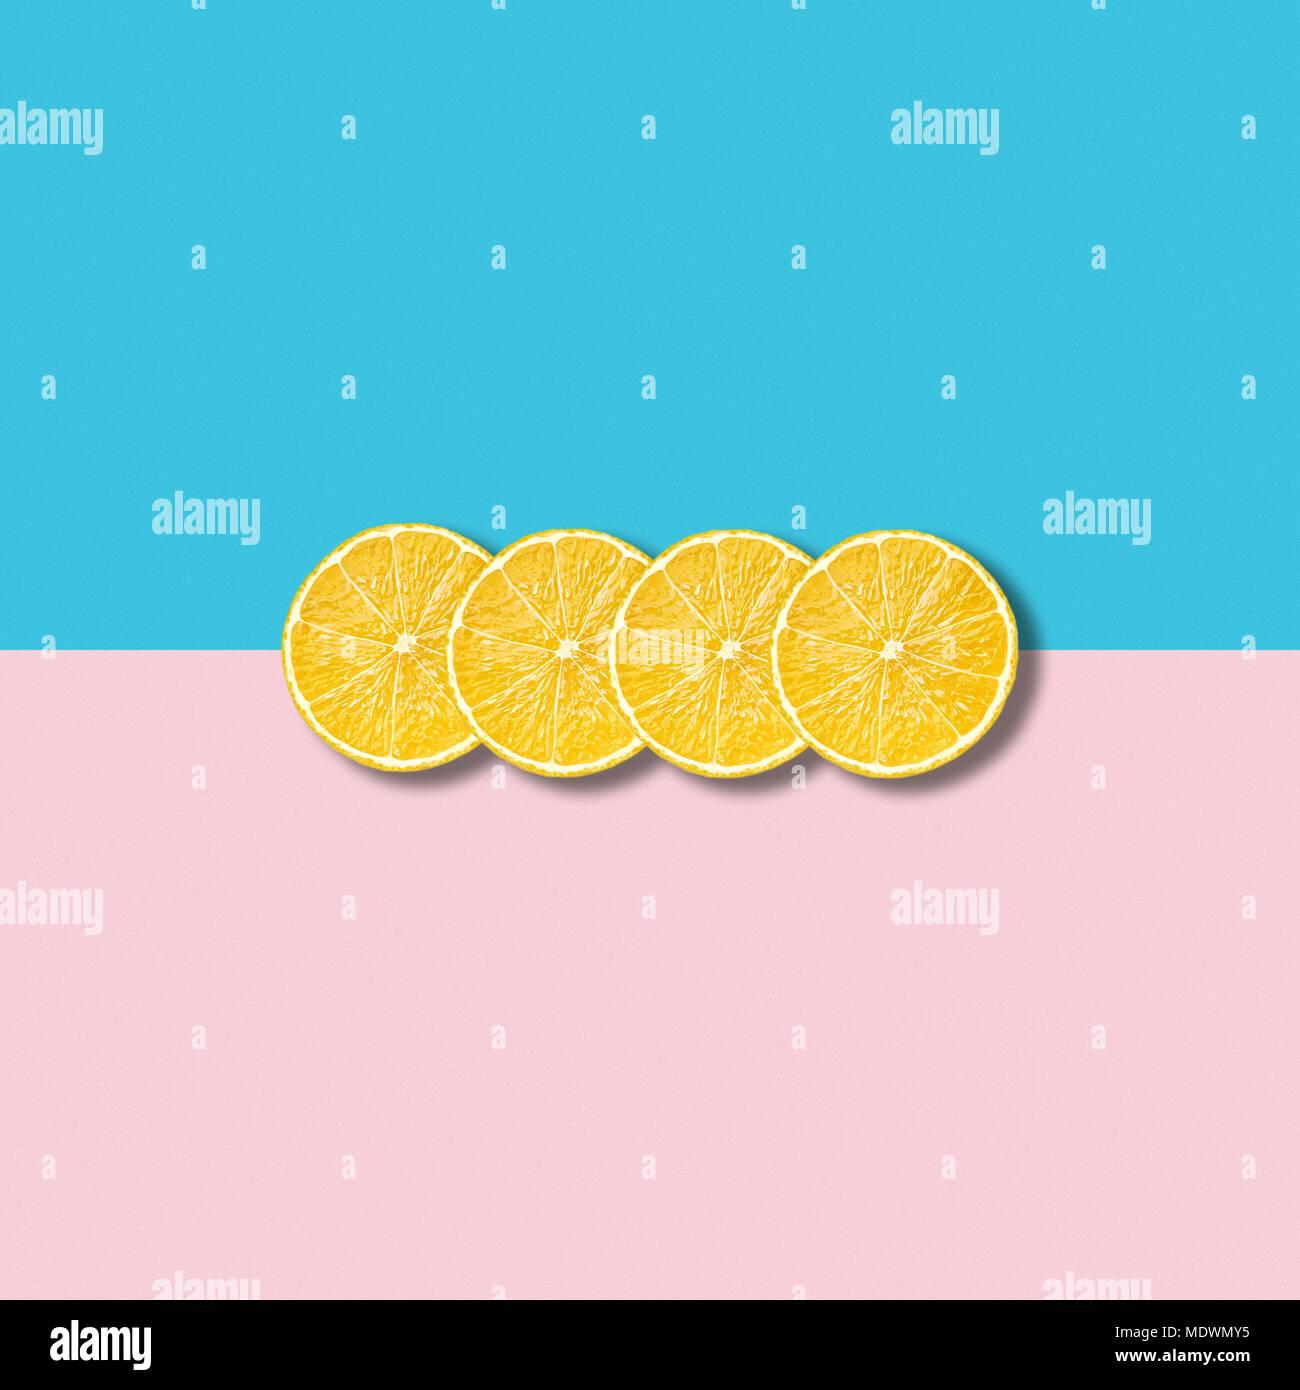 La minima illustrazione astratta con gruppo di fette di limone su rosa pastello e sfondo turchese Immagini Stock